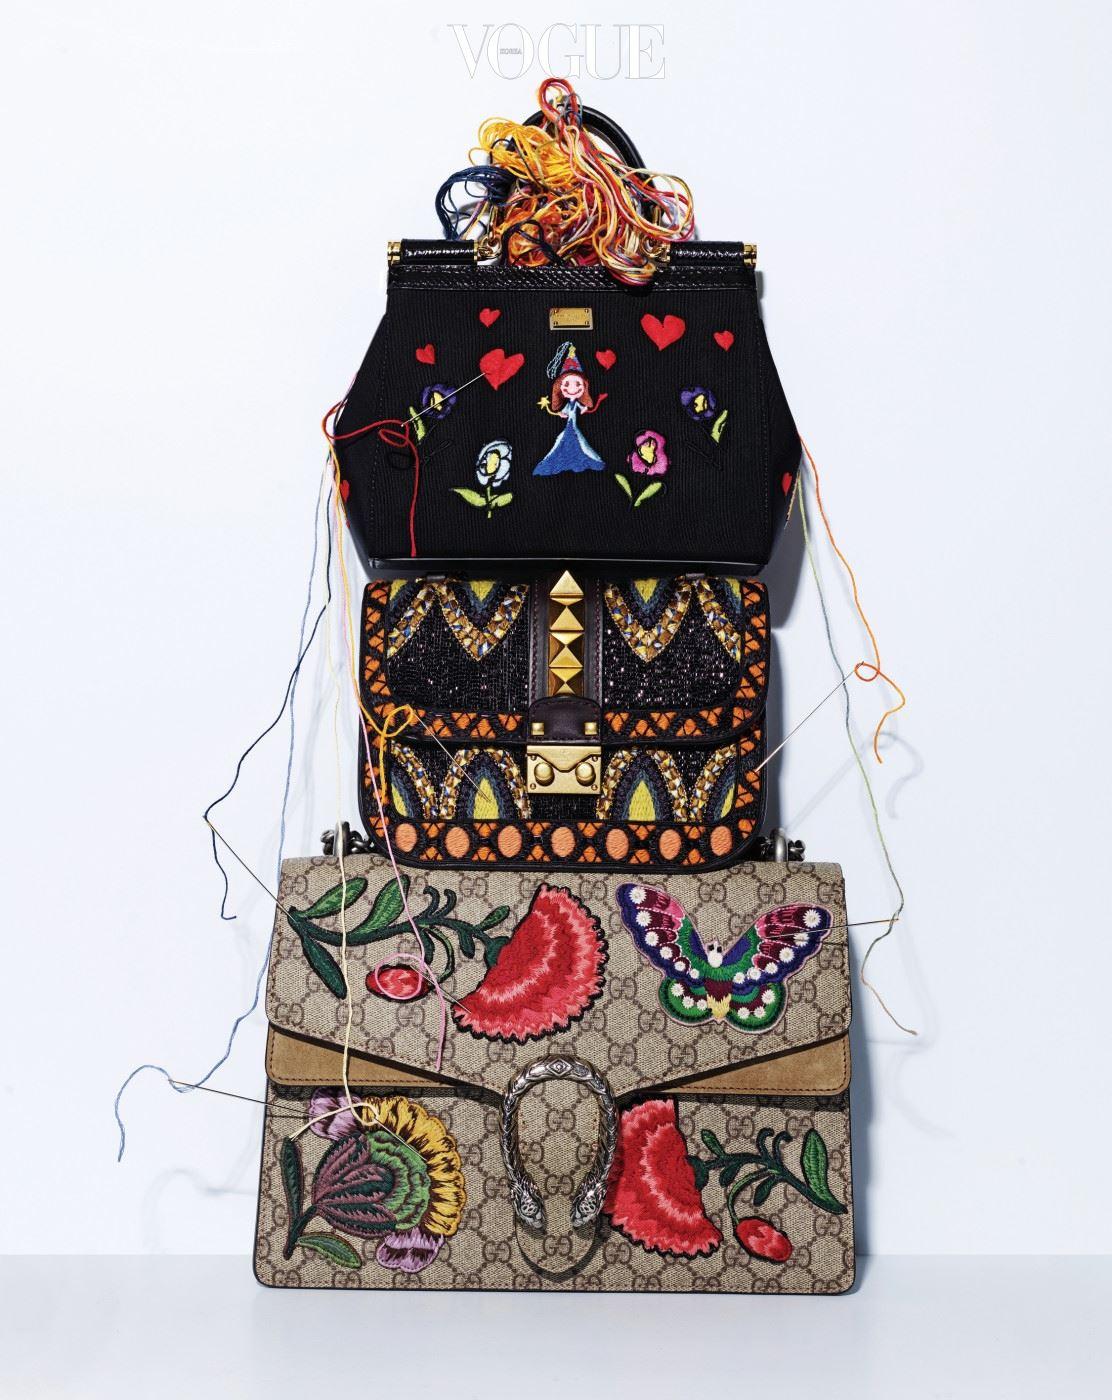 천진난만한 아이들의 그림을 연상시키는 자수 핸드백은 돌체앤가바나(Dolce&Gabbana). 아프리칸 모티브에 작은 비즈와 자수 장식을 더한 금장 숄더백은 발렌티노(Valentino). 한 폭의 동양화처럼 색색의 꽃과 나비가 화려하게 수놓인 로고 백은 구찌(Gucci).